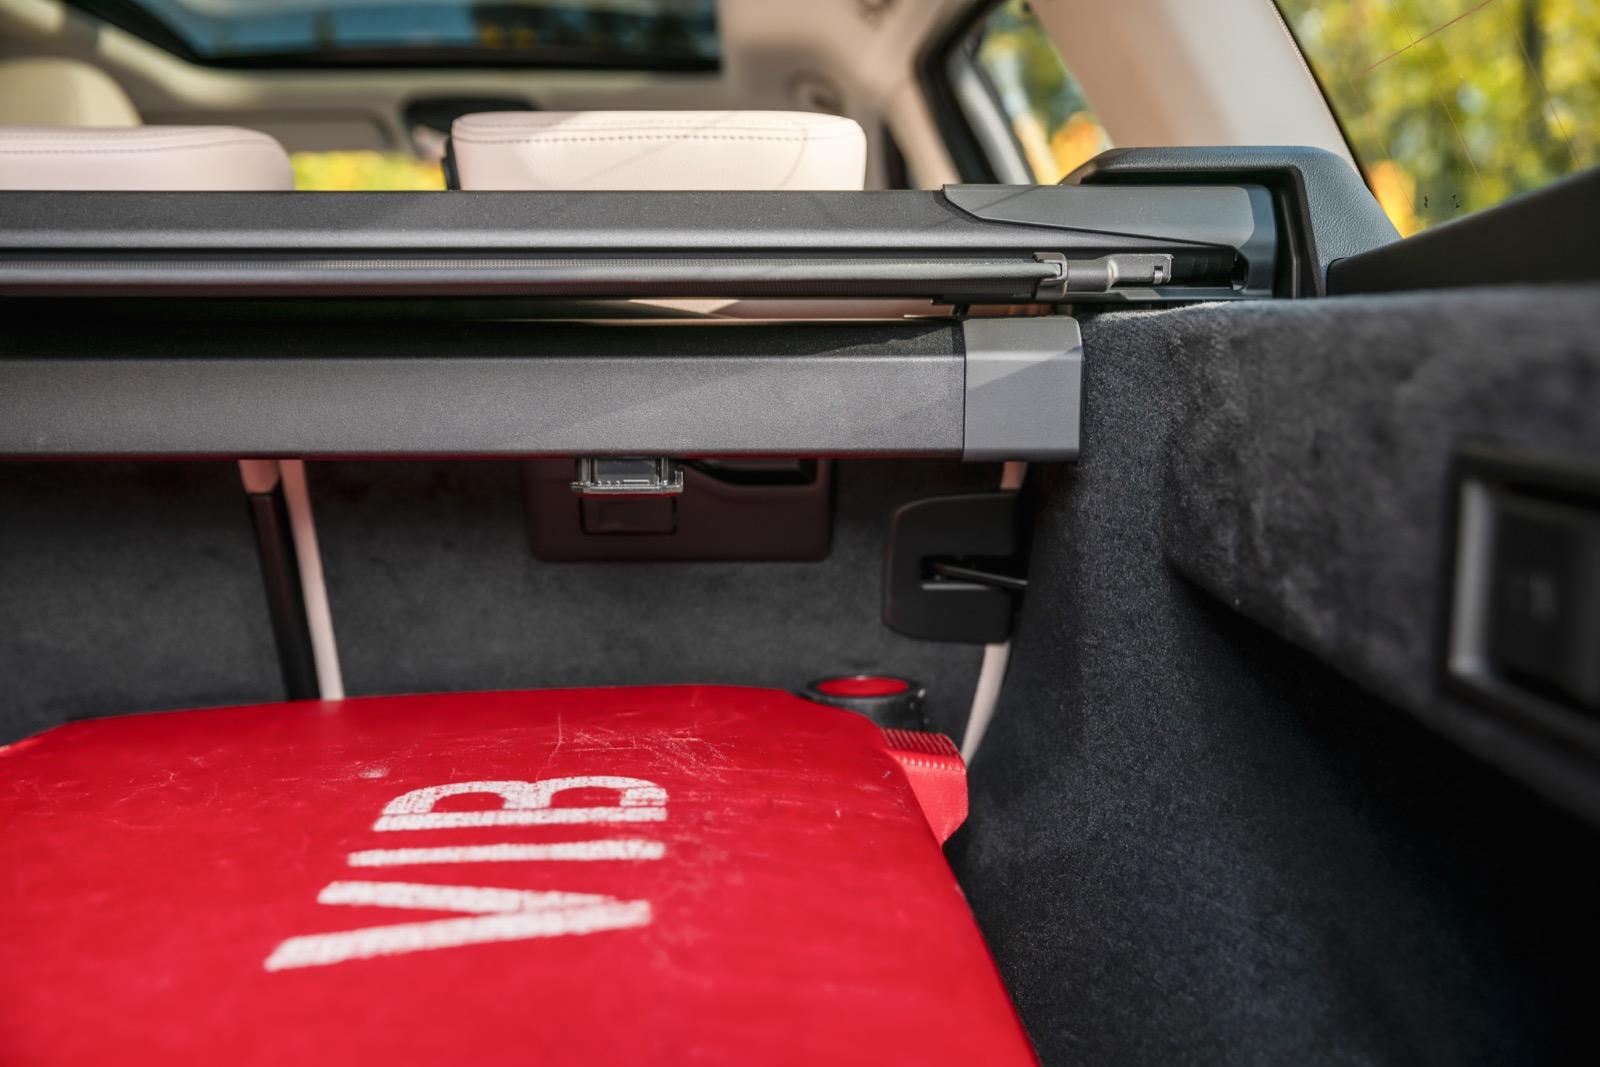 BMW: Lastnätet har stora stålklumpar (för fastsättning på ryggstödet vid fällt baksäte) som tar irriterande stor plats från lastutrymmet.